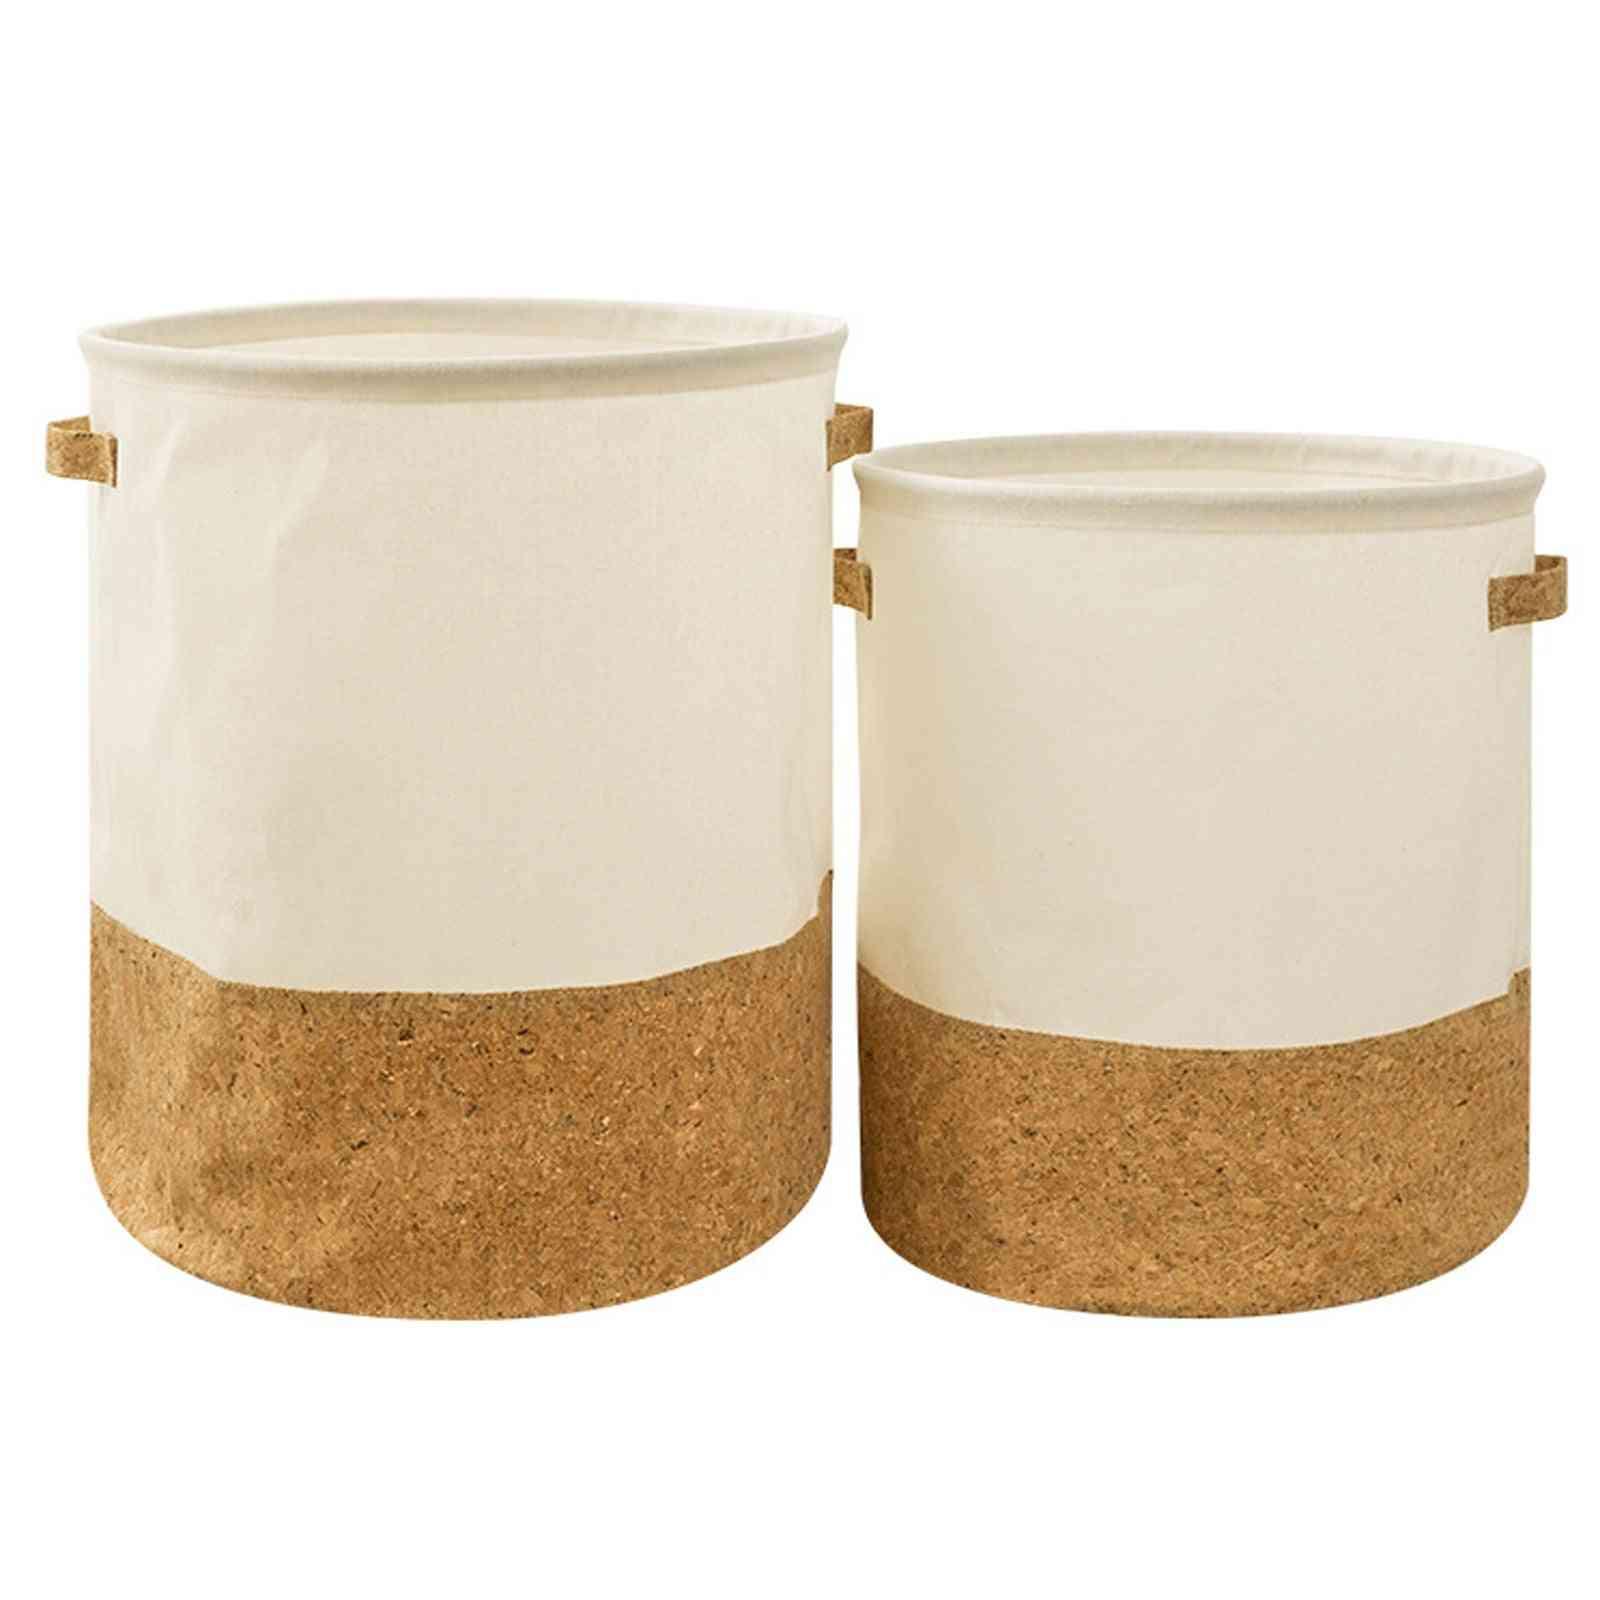 Linen Cotton Toy Storage Bag, Laundry Clothes Basket